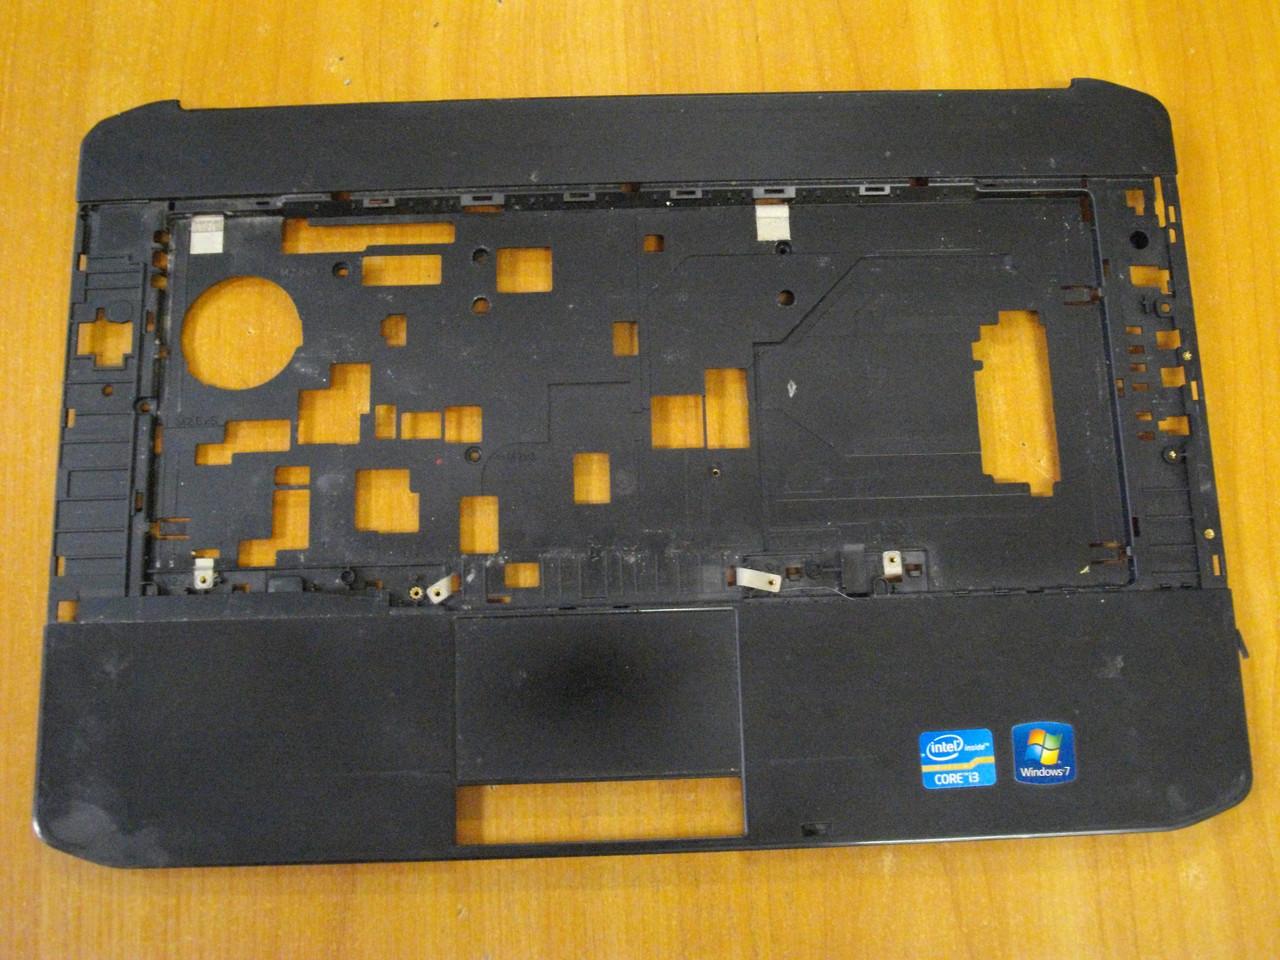 Корпус. Каркас Середня частина, верхня частина корпусу з тачпадом DELL Latitude E5420